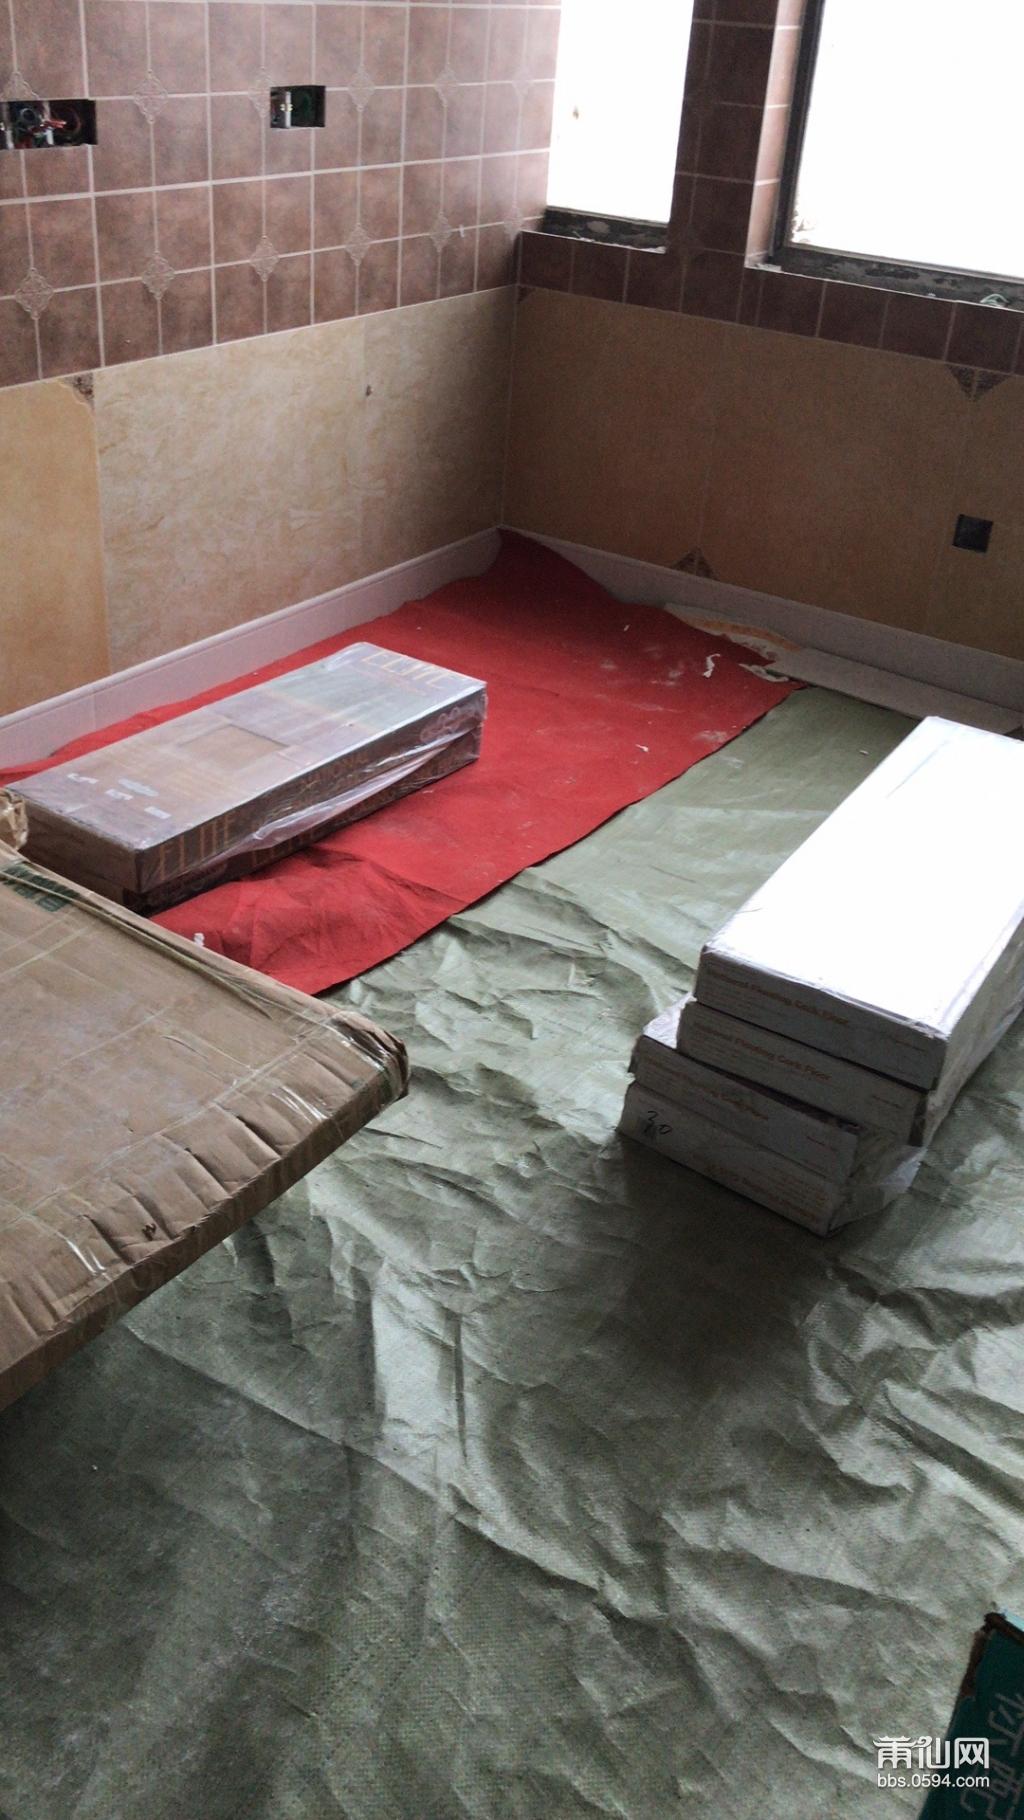 现场材料整理规范